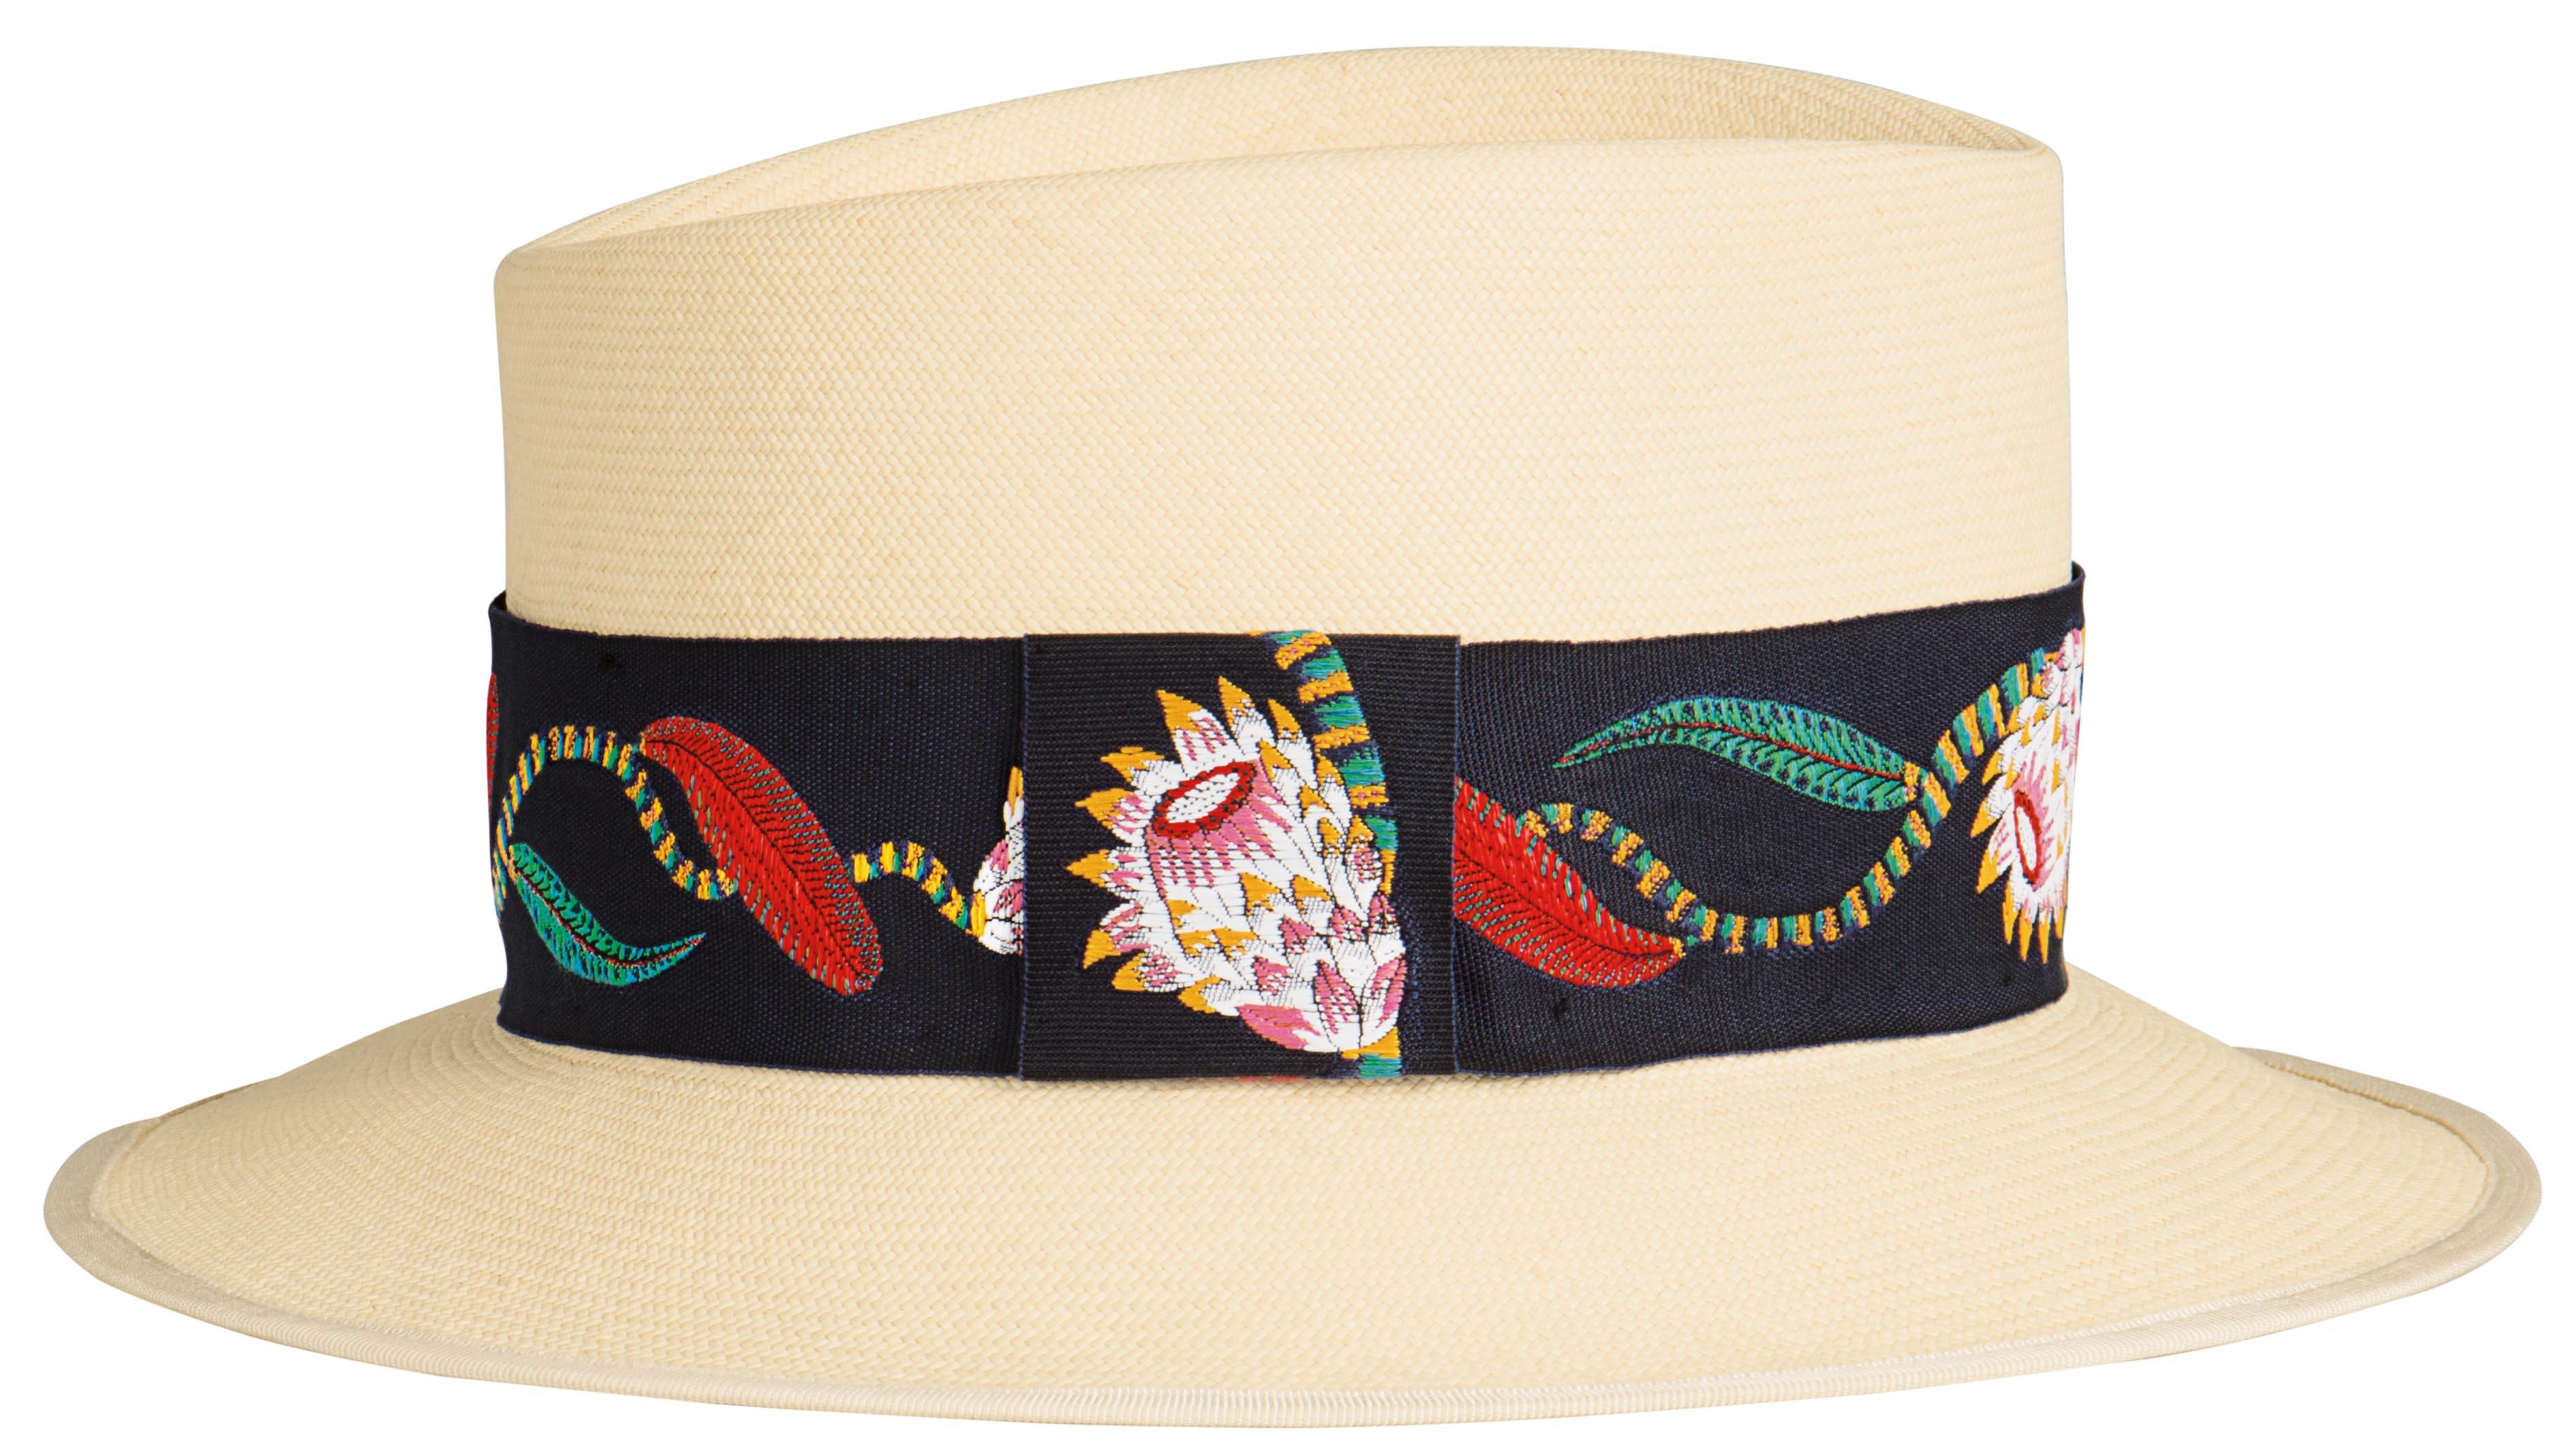 이국적인 리본 장식이 더해진 라피아 모자는 1백만원대로 Hermes 제품.